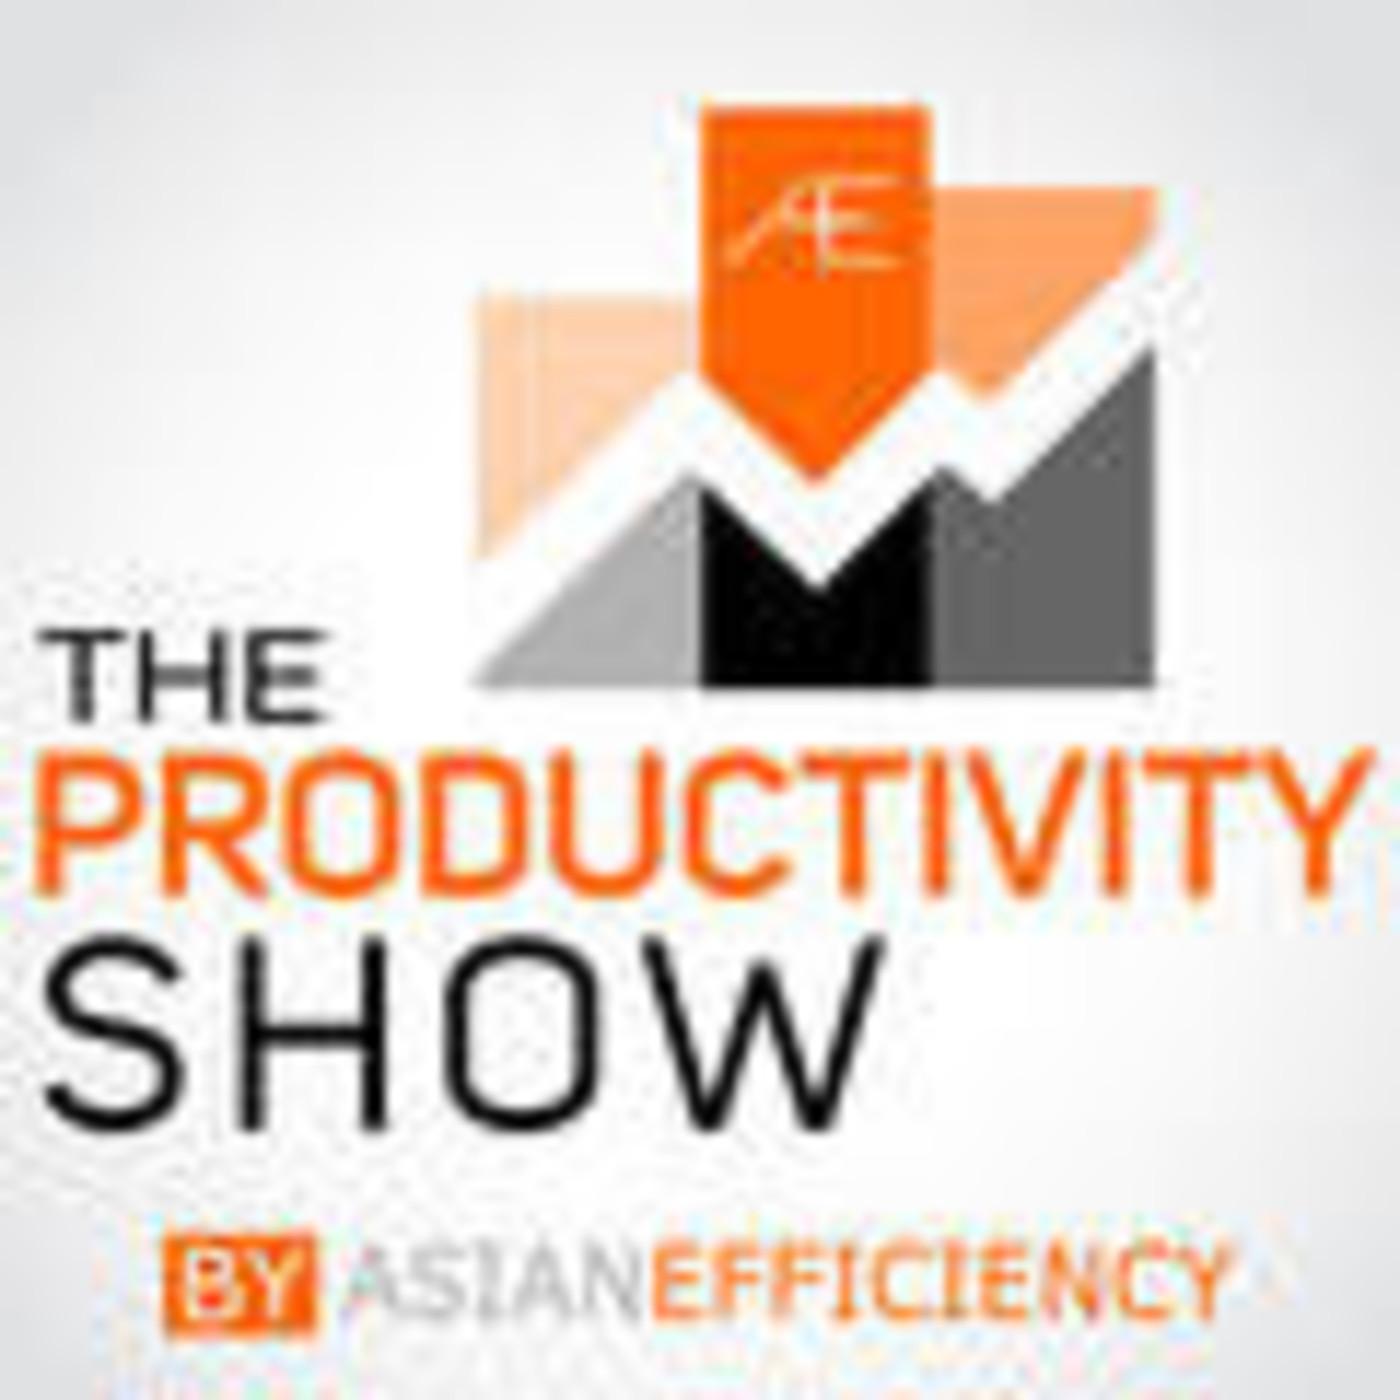 Asian Efficiency: Productivity